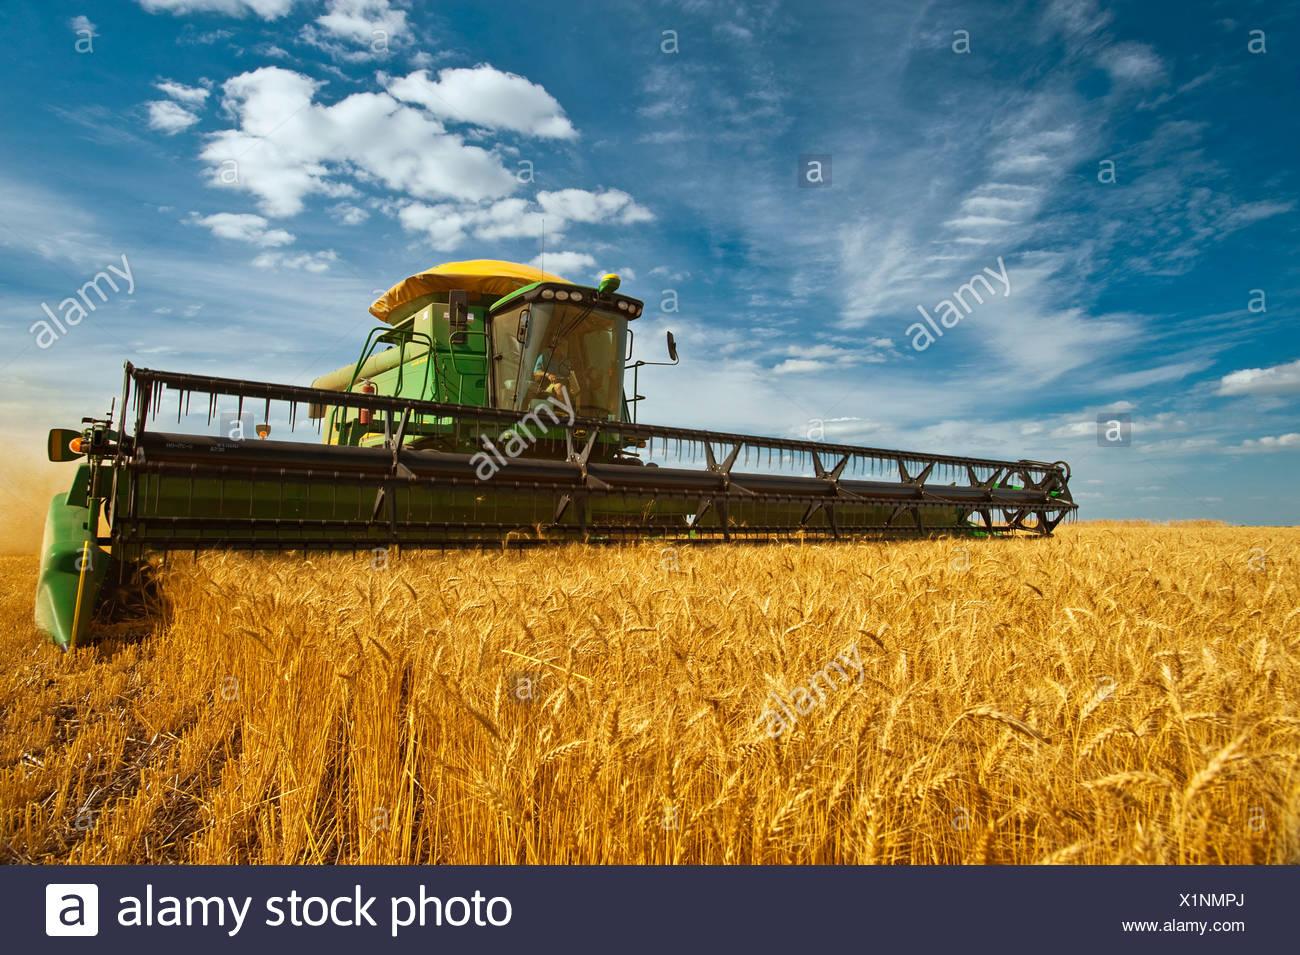 Agricultura - una cosechadora John Deere las cosechas de trigo de invierno maduro en la tarde de luz / cerca de Kane, Manitoba, Canadá. Imagen De Stock